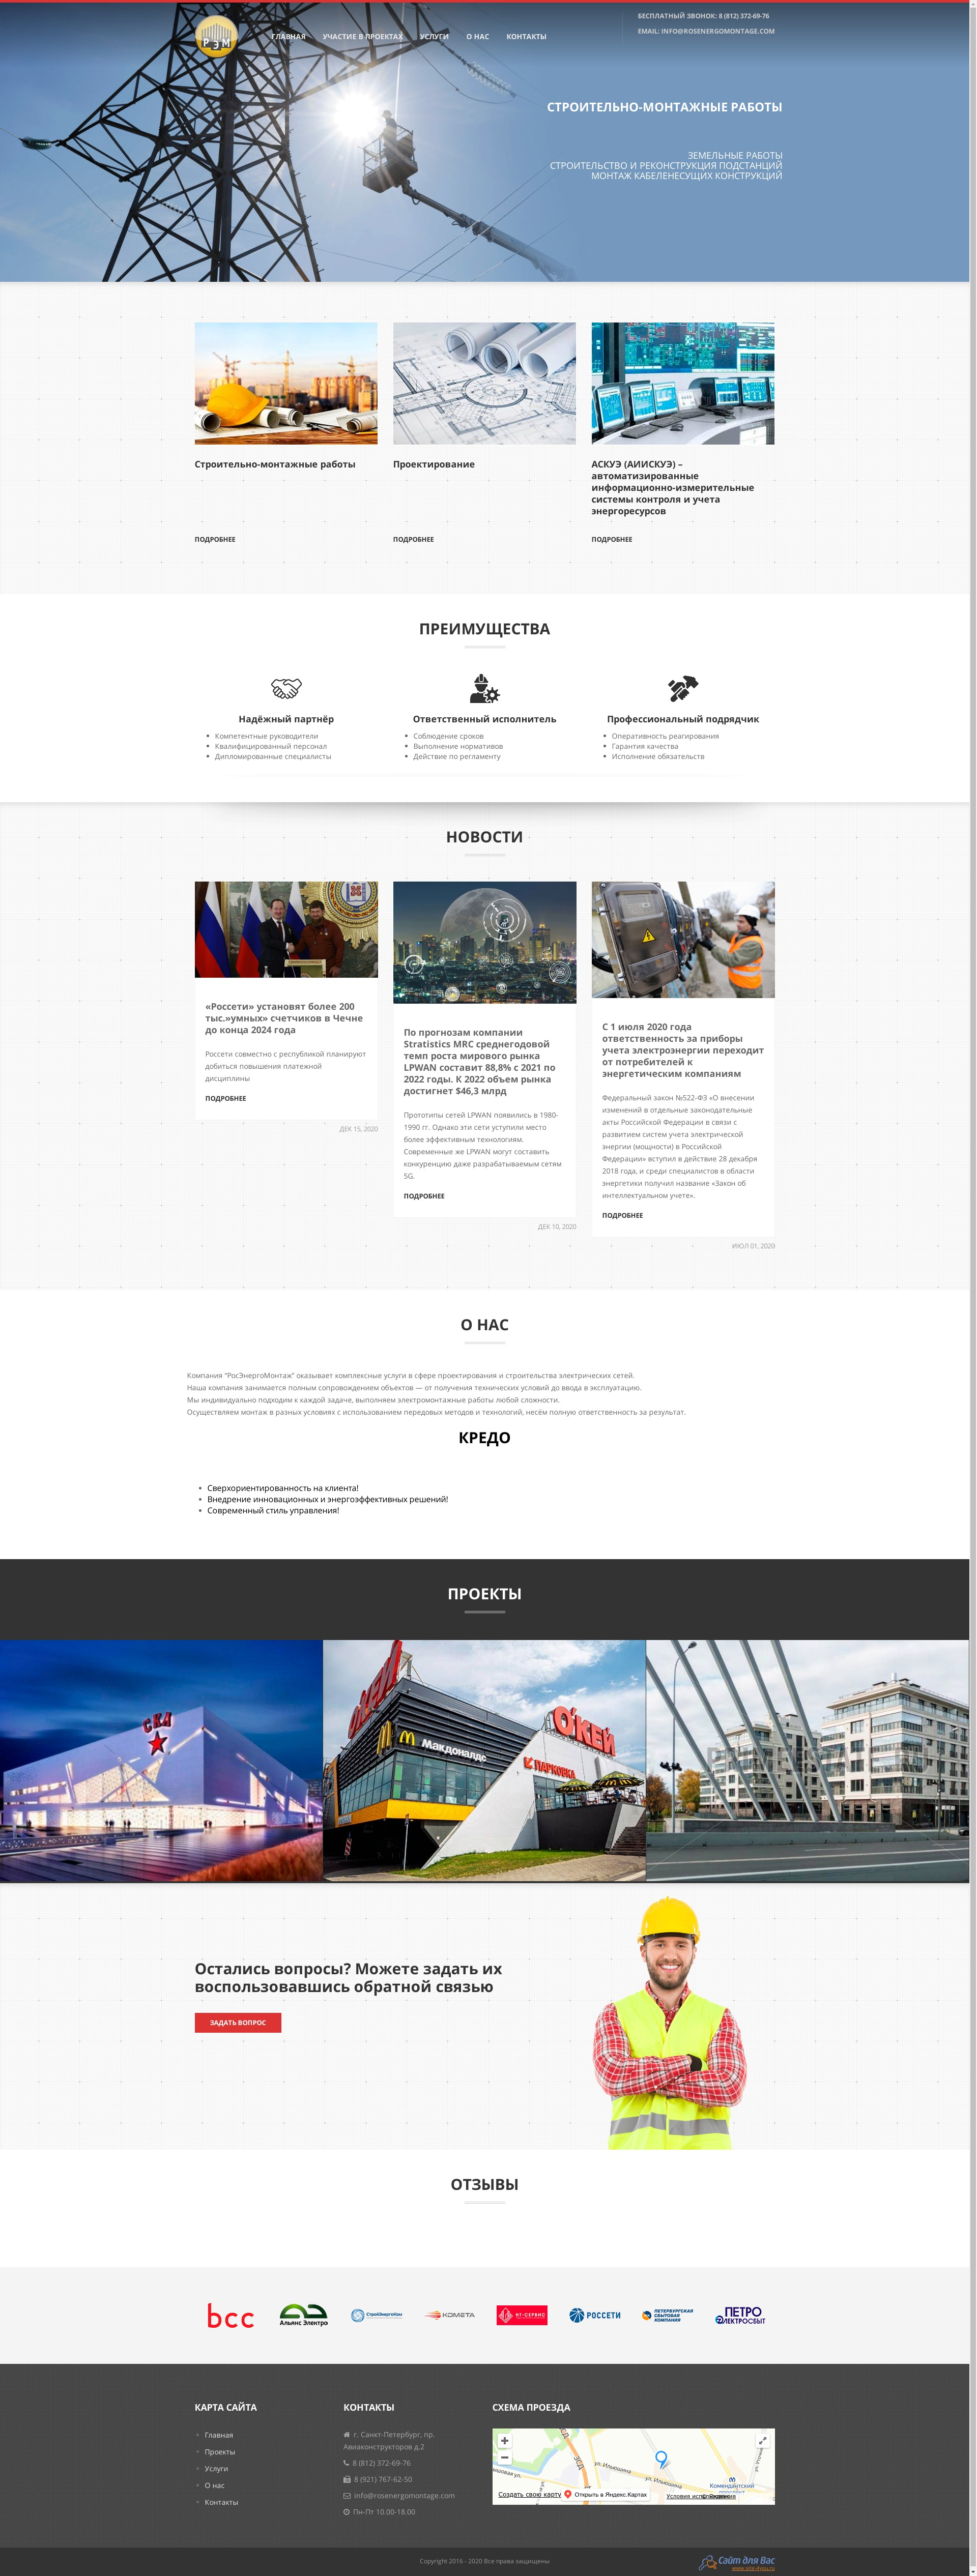 полноразмерный скриншот сайта http://grouprem.ru/